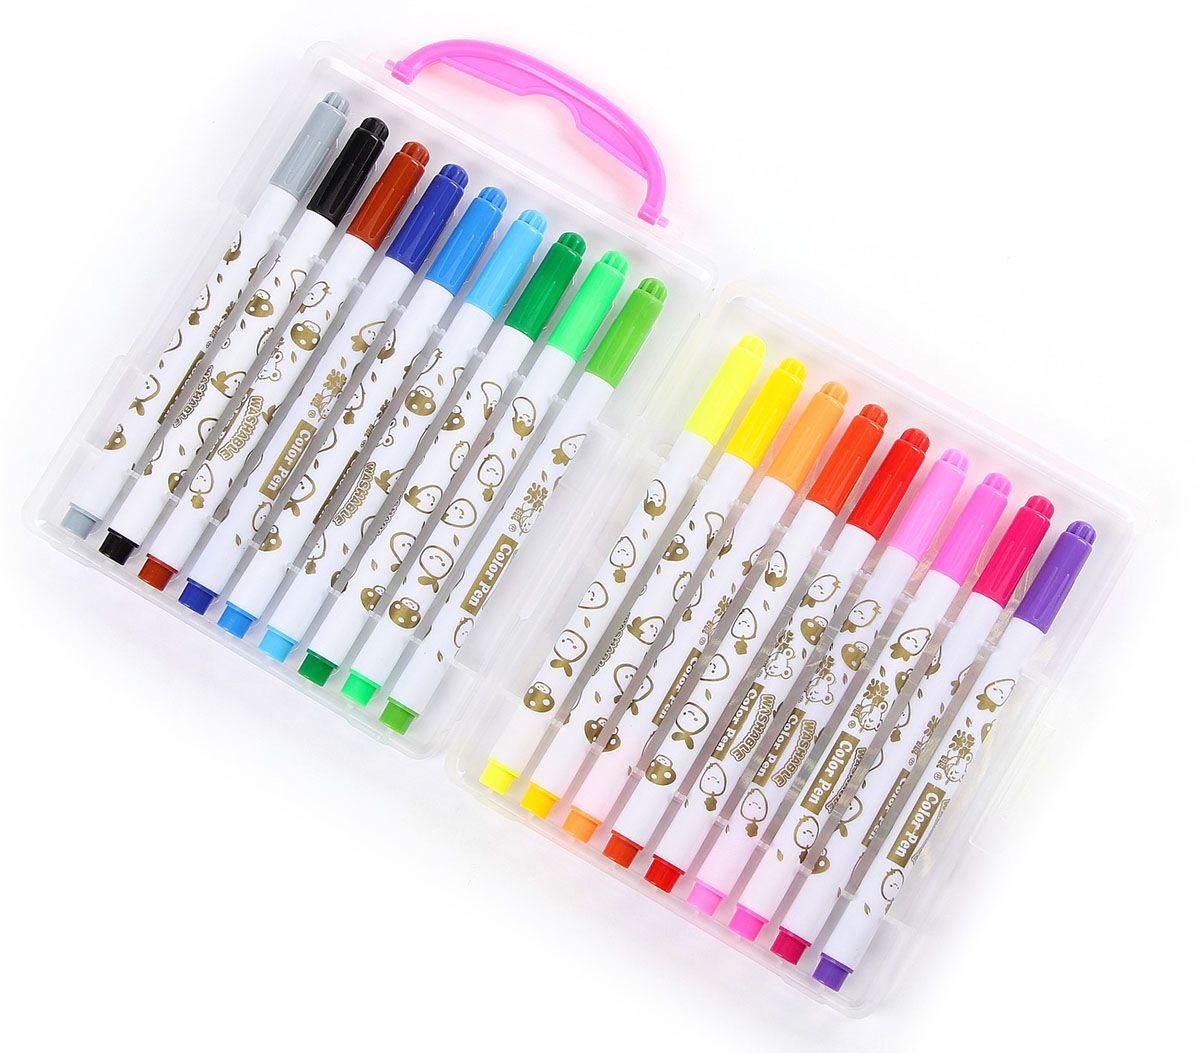 Набор фломастеров Мышка цвет упаковки розовый 18 цветов 24121522412152Почему дети так любят рисовать фломастерами? Юных художников прельщает не только бесконечная тяга к творчеству, но также практичность и эргономичность при использовании пишущих инструментов.В отличие от карандашей, фломастеры не нуждаются в заточке и не требуют усилий для создания ярких линий. Перед красками у них преимущество в том, что изображения сразу получаются чёткими, а насыщенность цвета нисколько не уступает гуаши.Простота, в мгновение ока создающая красоту, — вот что по-настоящему привлекает маленьких творцов!Как выбрать подходящий фломастер? Необходимо учитывать сразу несколько аспектов: тип чернил (водная или спиртовая основа), вид наконечника (пластик или синтетические волокна, толстый или тонкий), тип корпуса (полистирол или полипропилен) и даже колпачок (крупный или мелкий).Фломастеры— это превосходный выбор для создания мини-шедевров с мини-затратами. Высококачественное изделие направит весь творческий потенциал ребёнка в нужное русло.